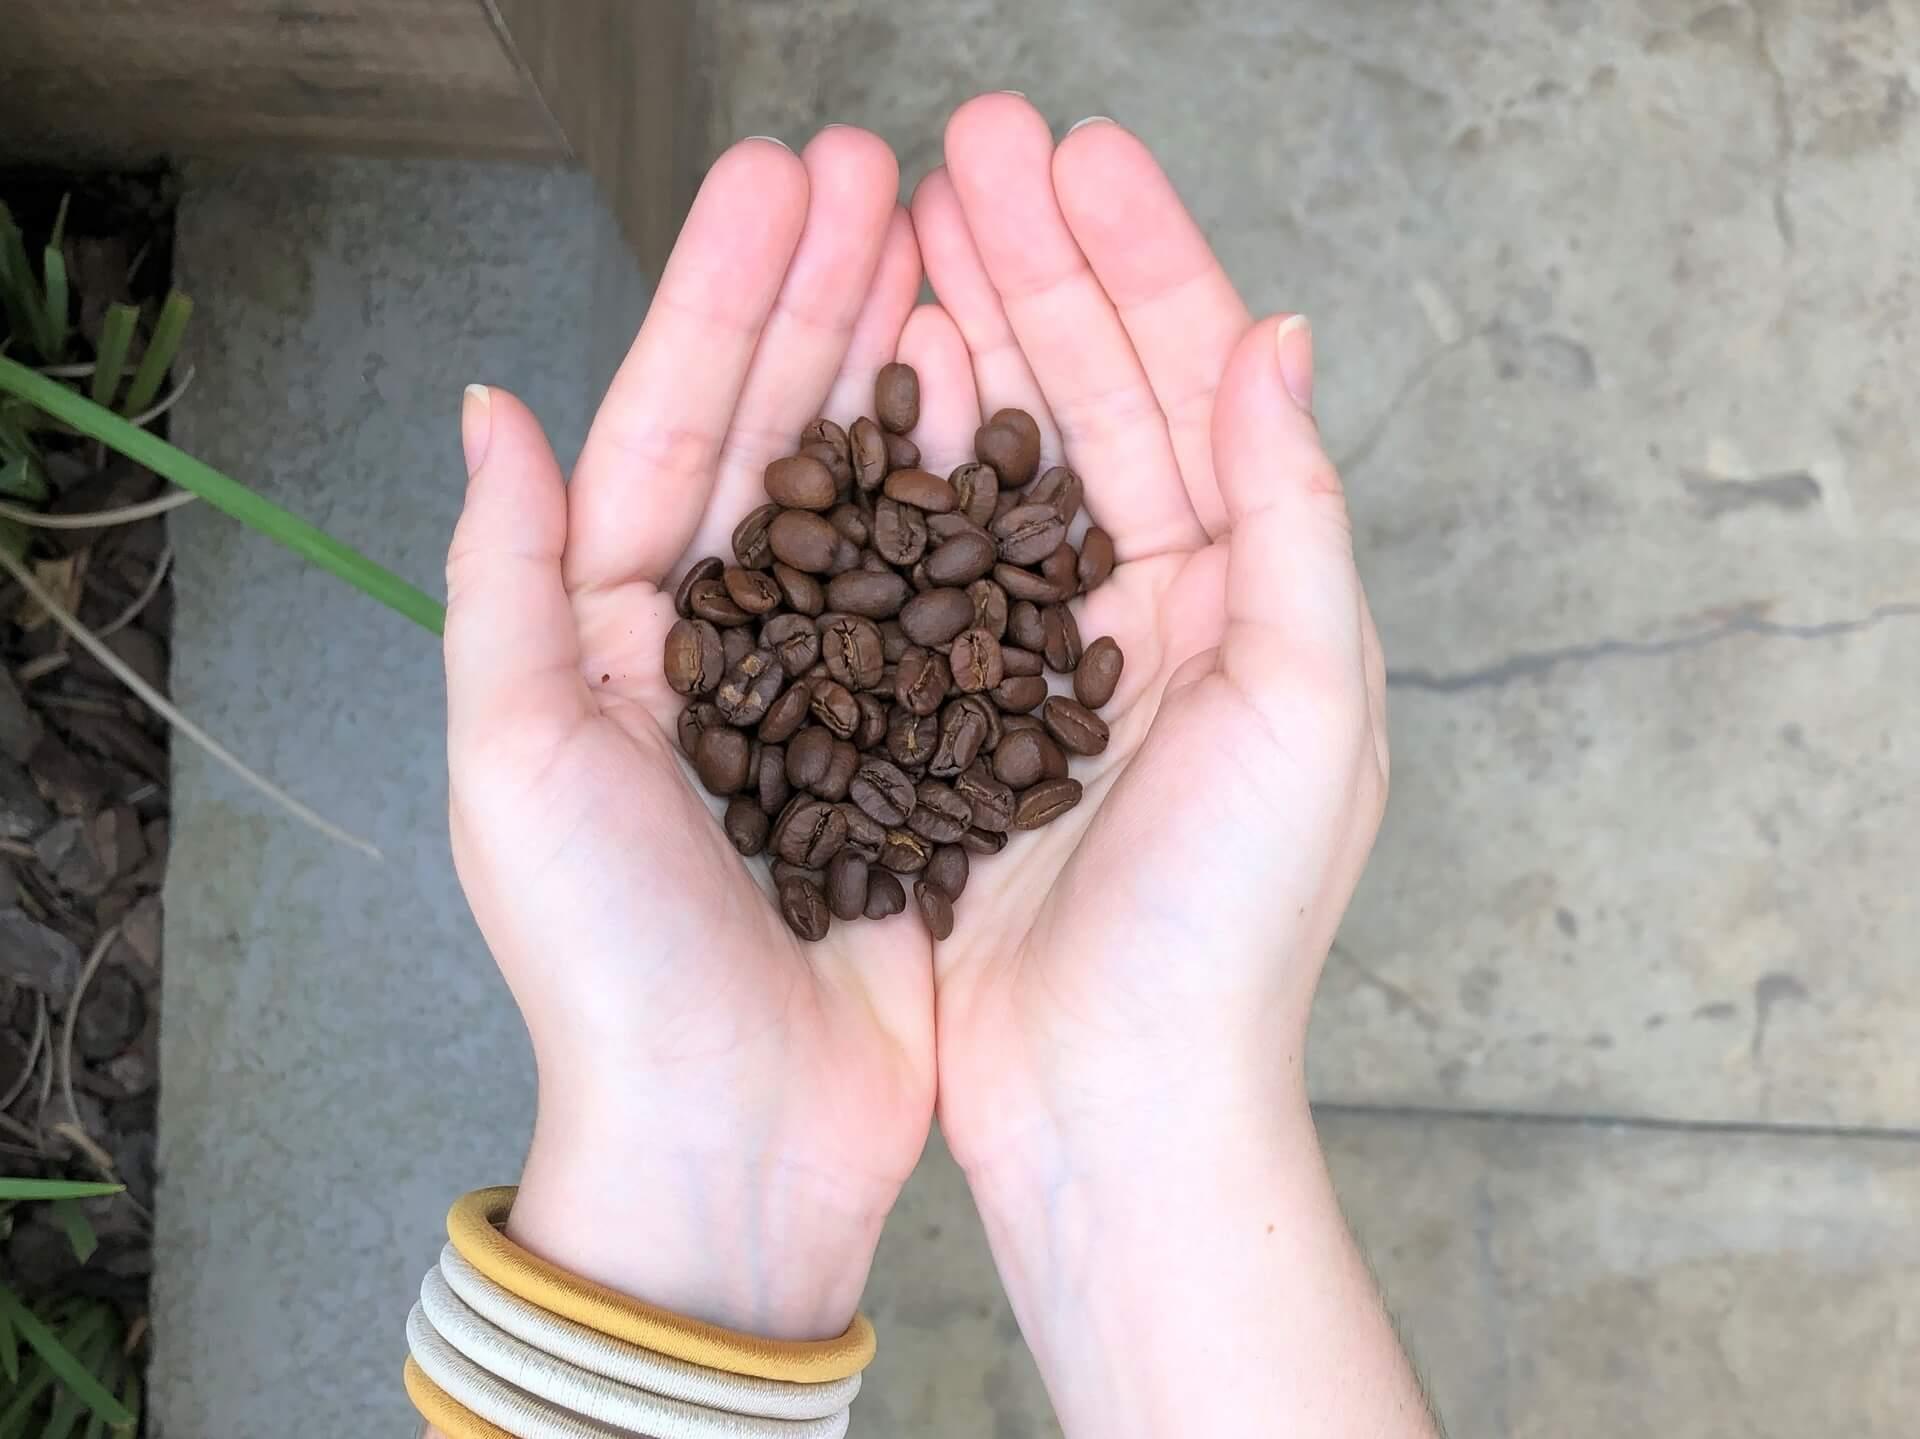 Imagem: Grão de café com torra média. Foto: Arquiteca Projetos Afetivos.